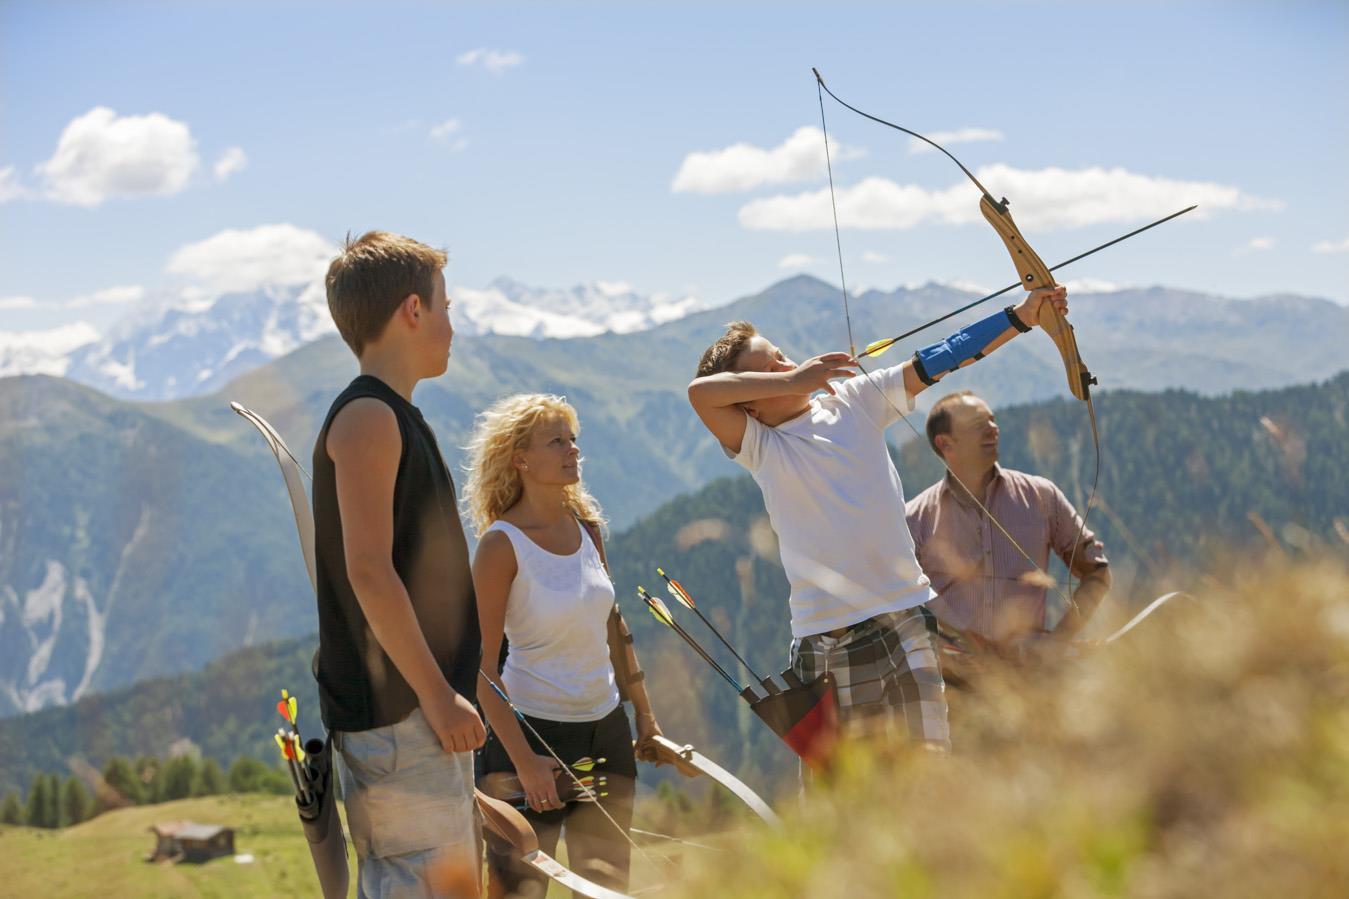 3D Archery Facility